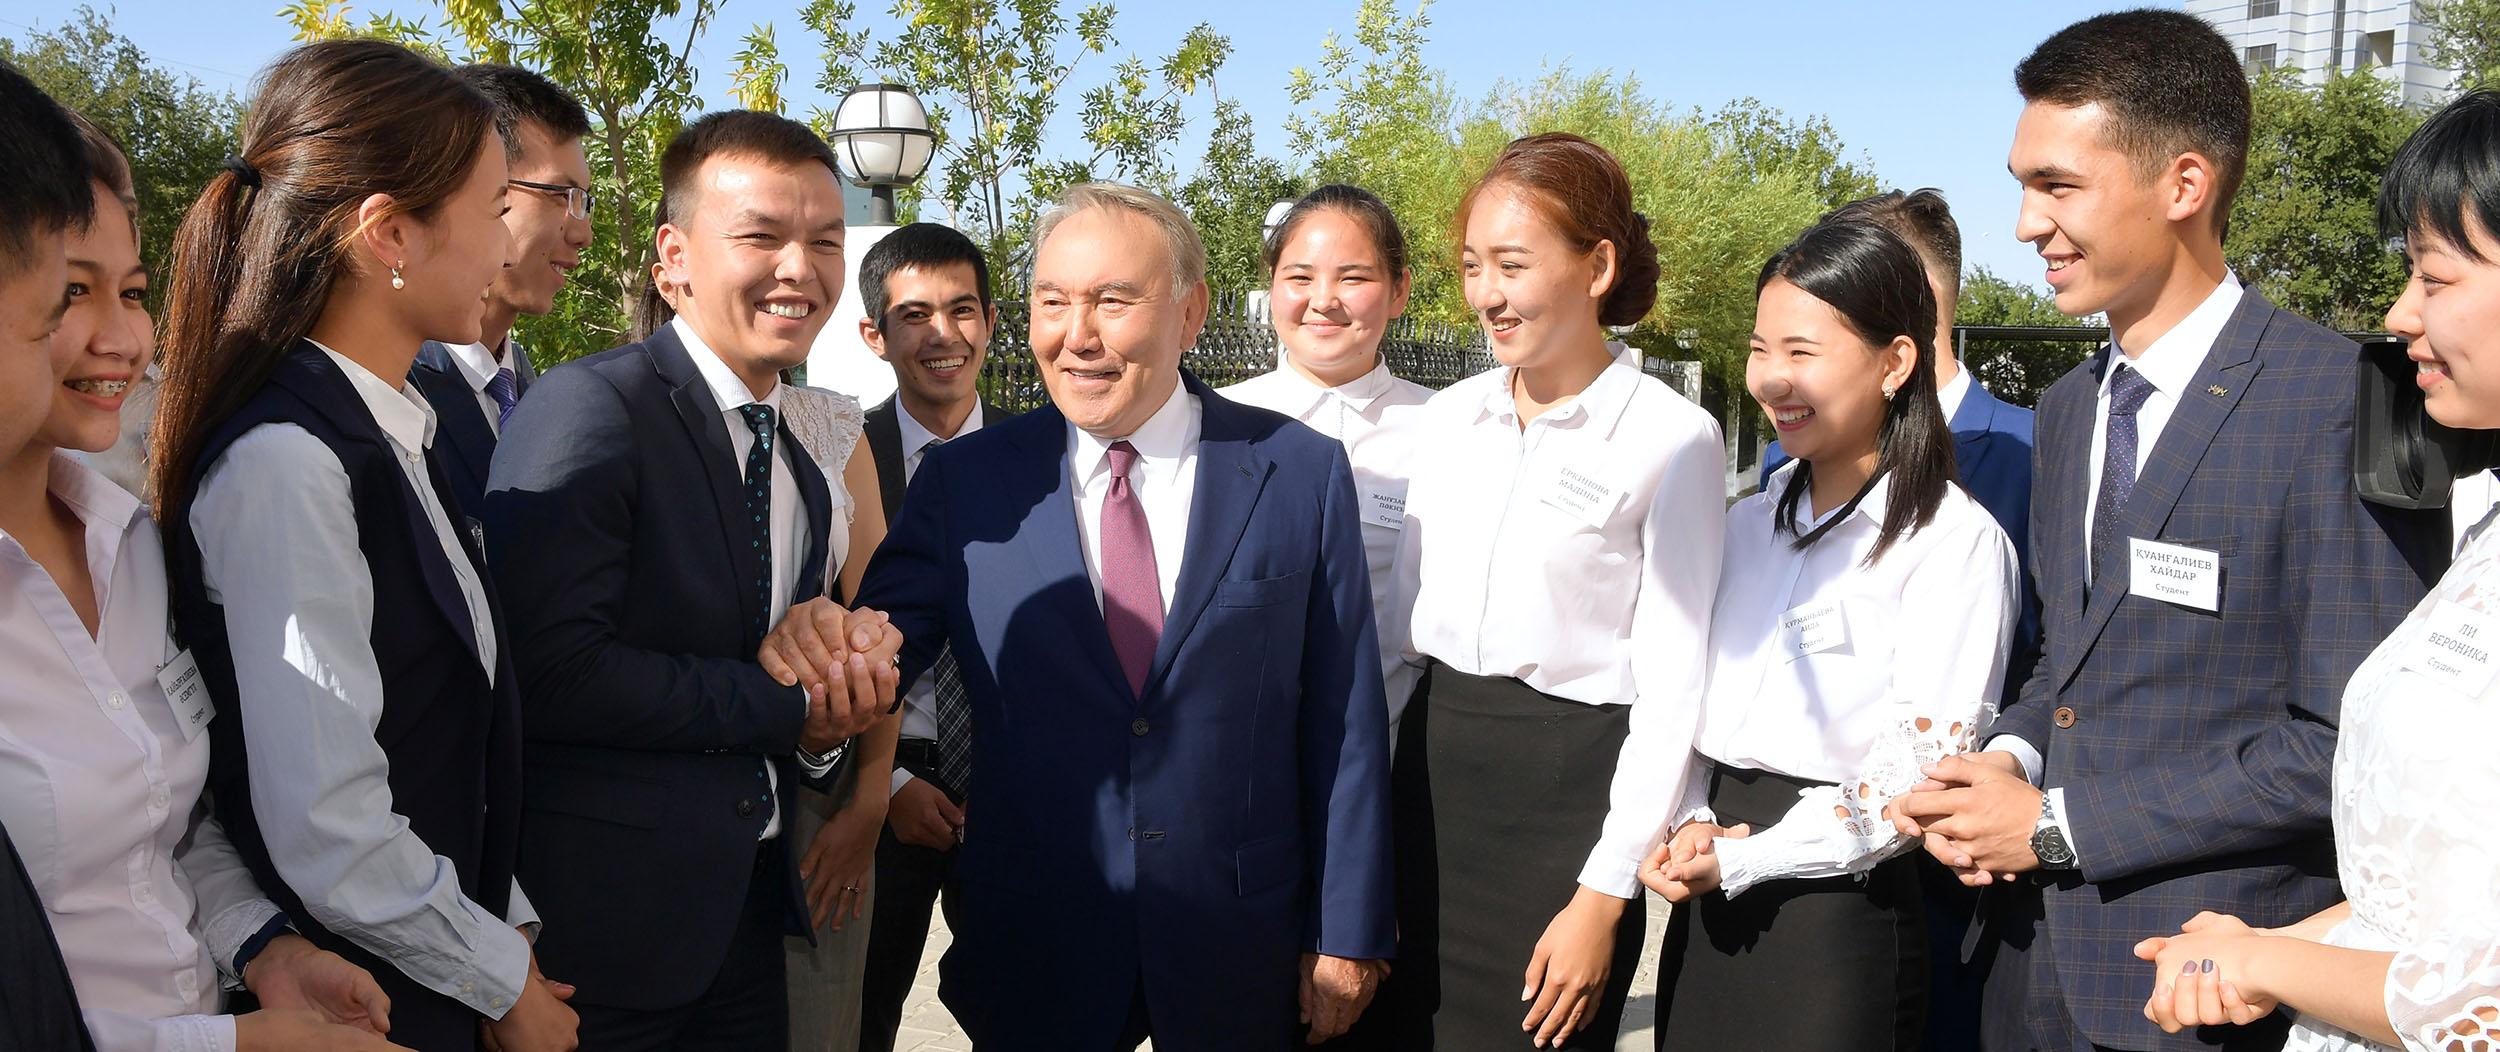 Нурсултан Назарбаев посетил Дом студентов в Атырауской области